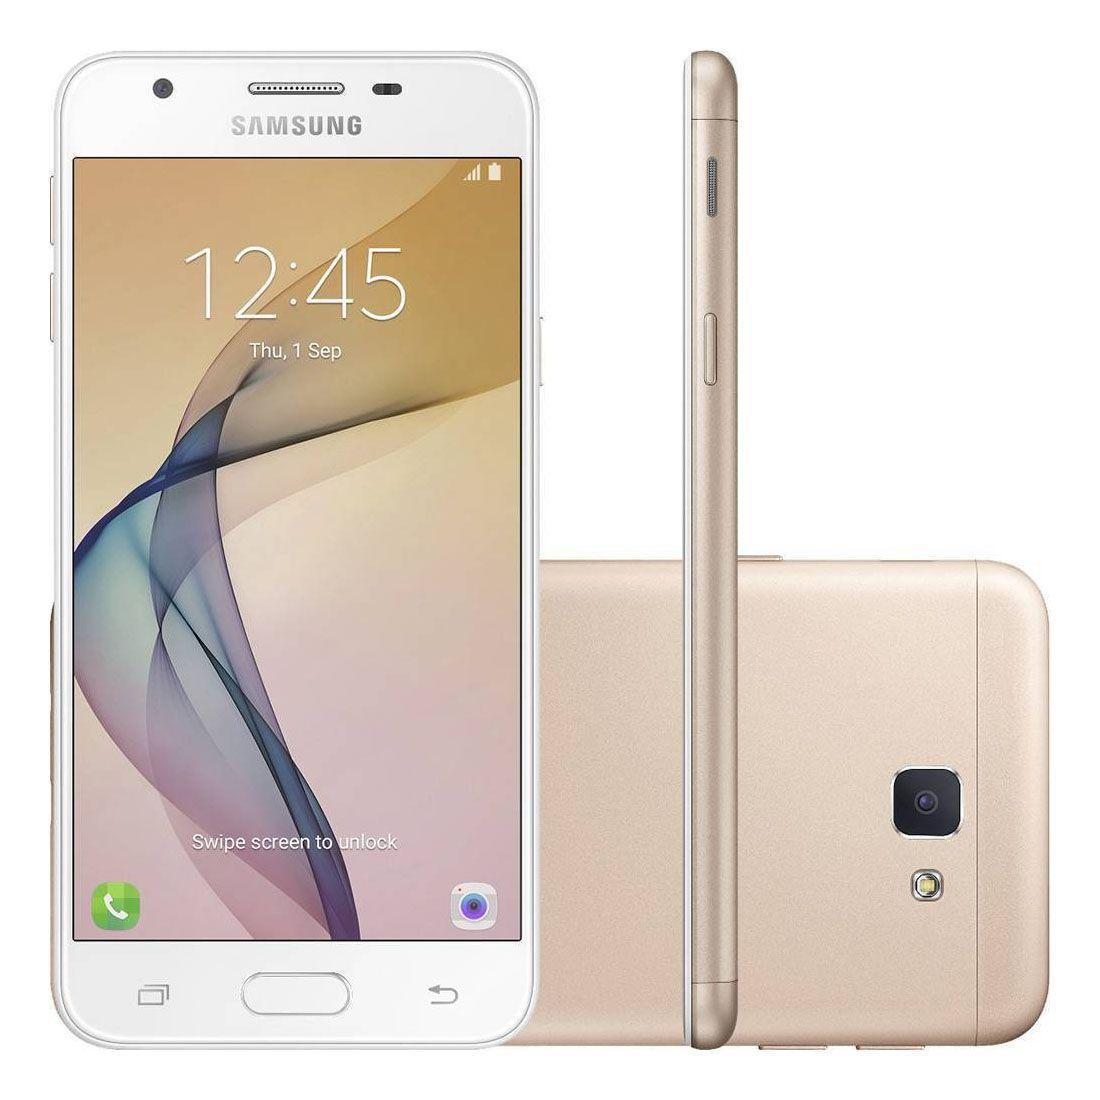 Smartphone Samsung Galaxy J5 Prime Dourado 32 GB Tela 5 - 4G Dual Chip